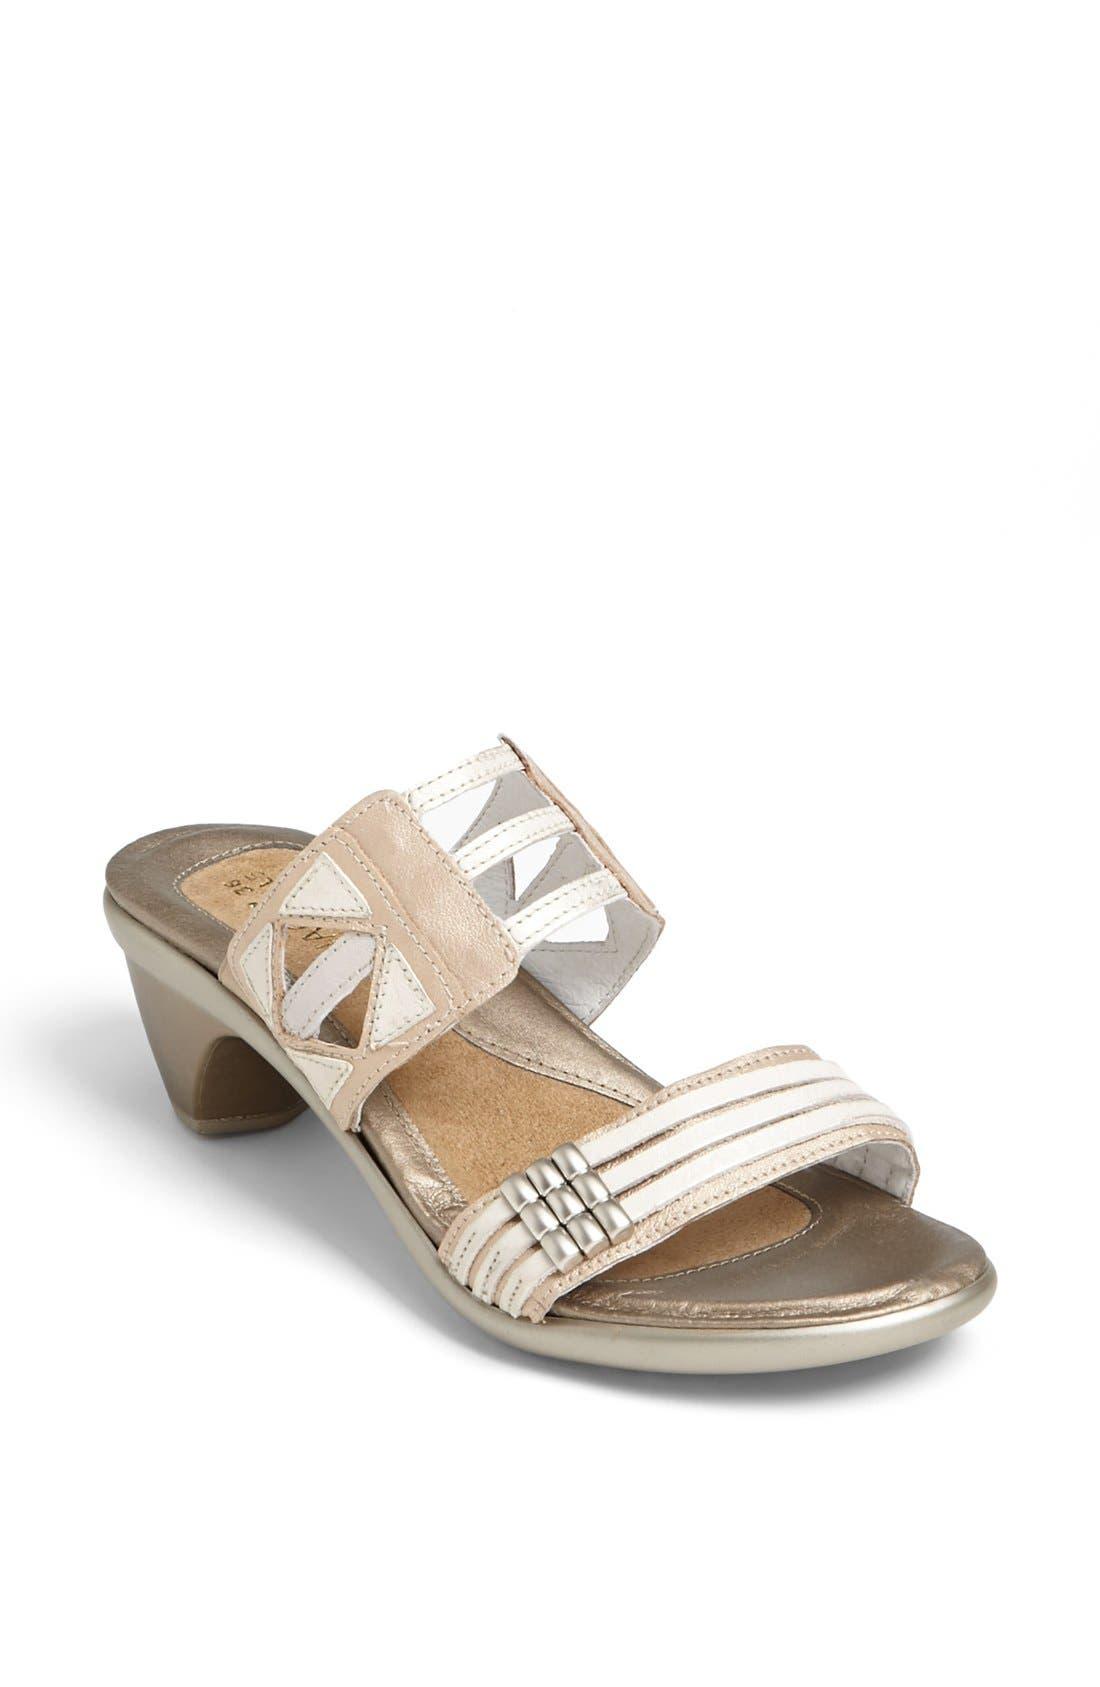 Alternate Image 1 Selected - Naot 'Afrodita' Sandal